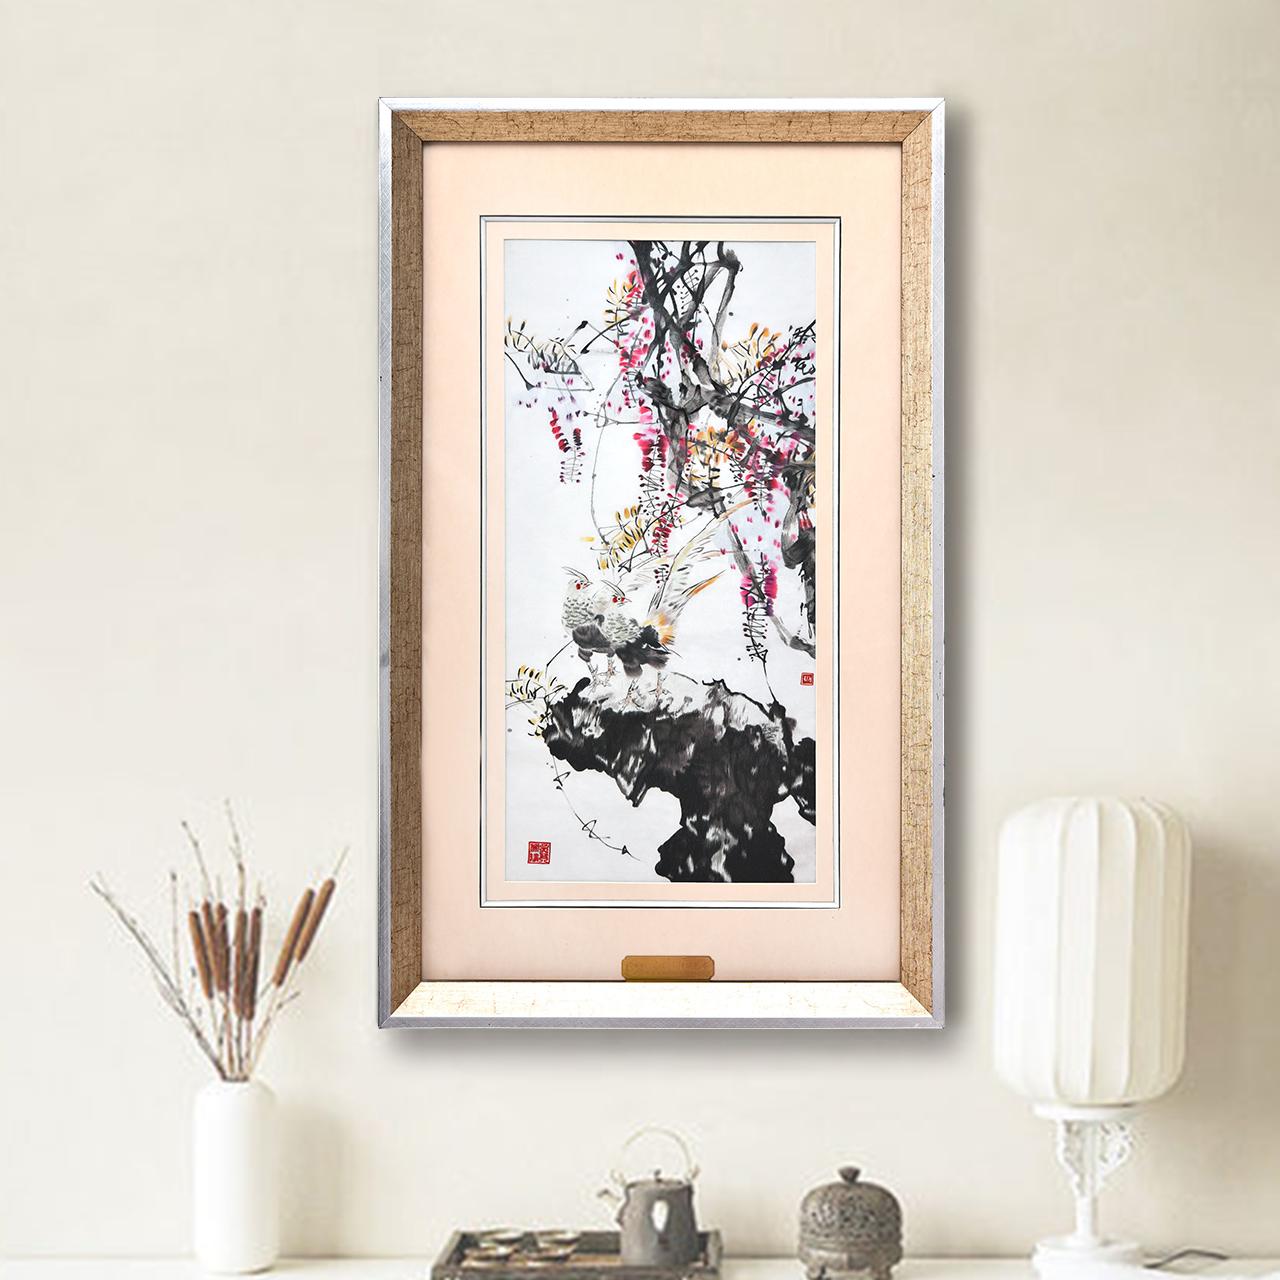 苏绣刺绣手工玄关装饰画竖版走廊书房挂画餐厅壁画饭厅单幅墙画